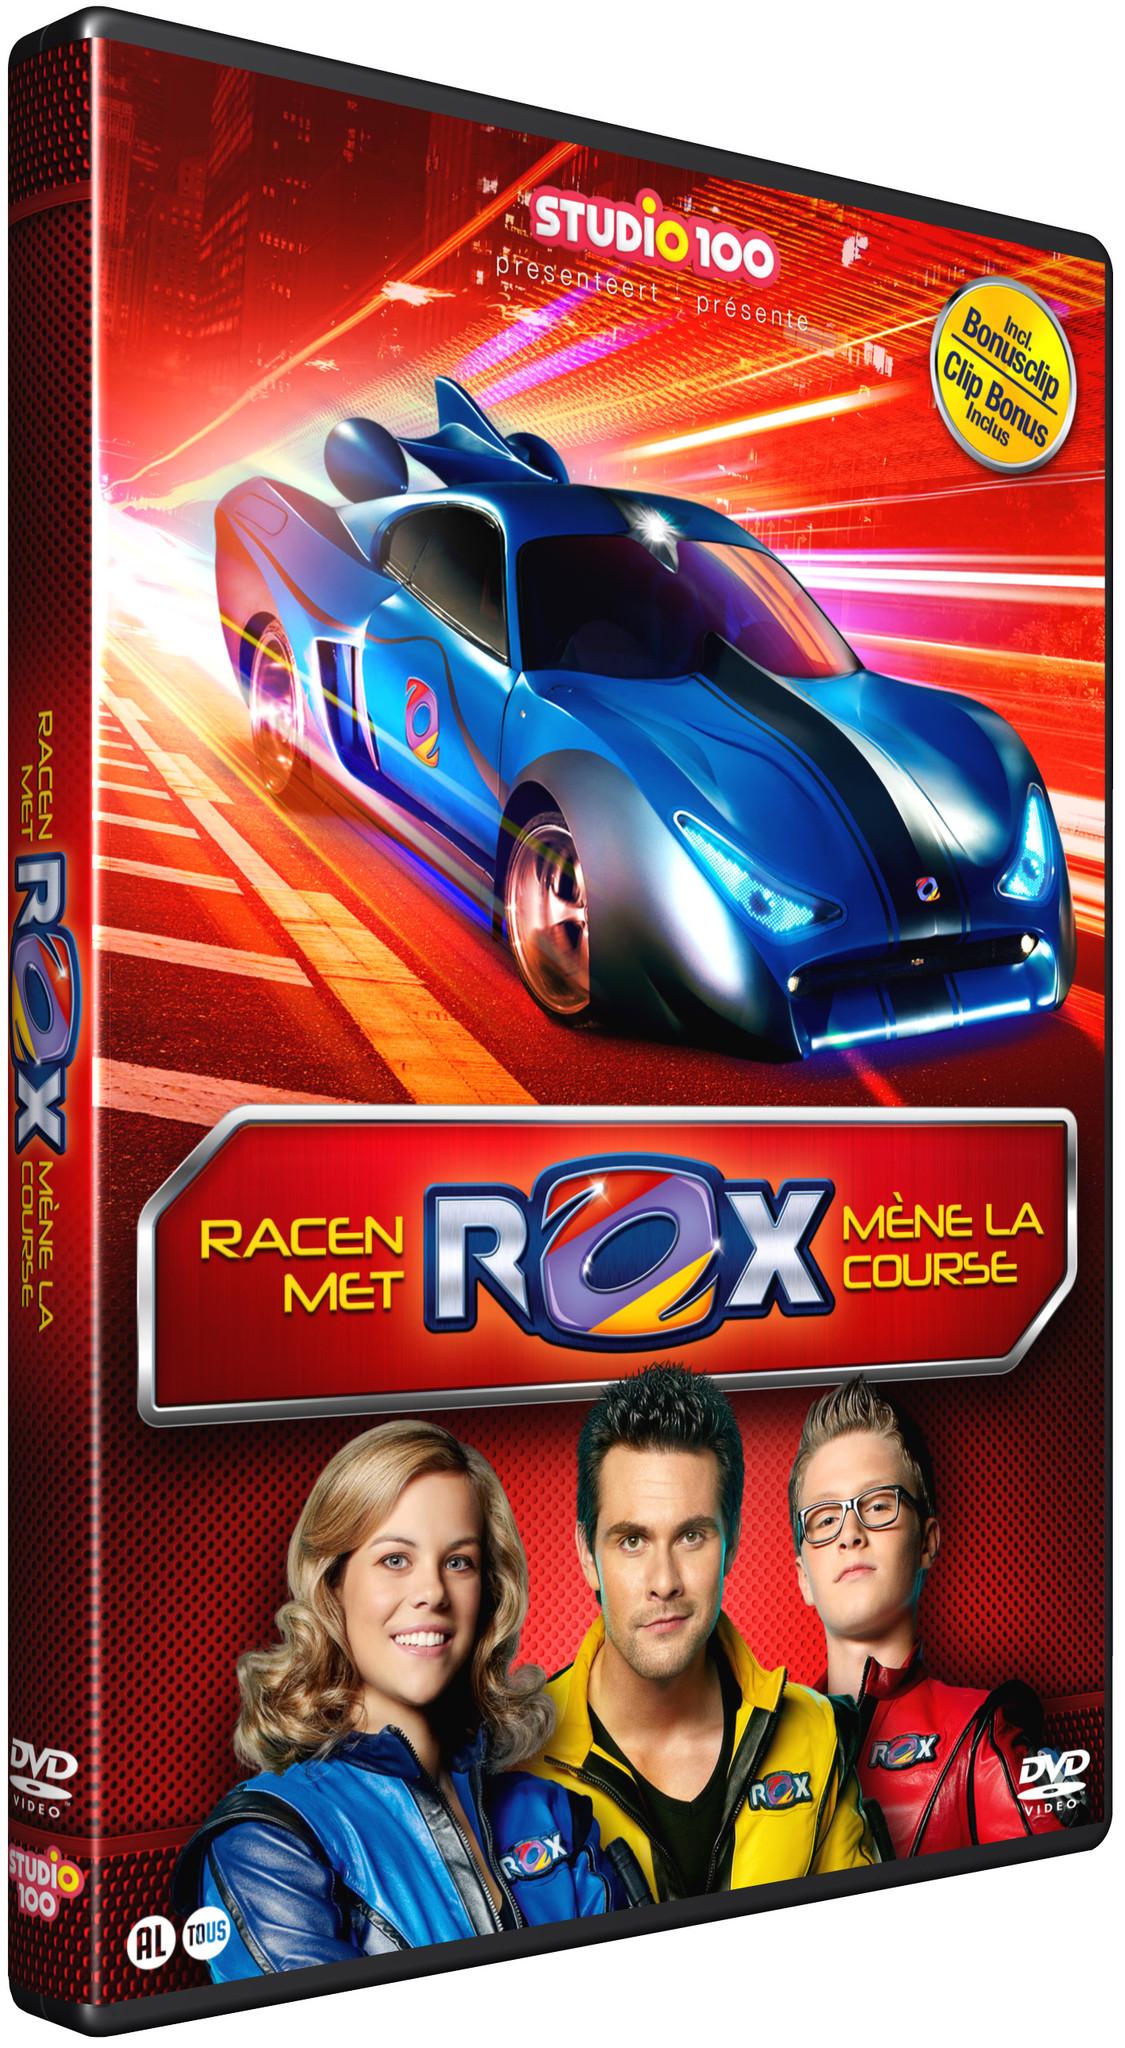 Dvd Rox: racen met Rox